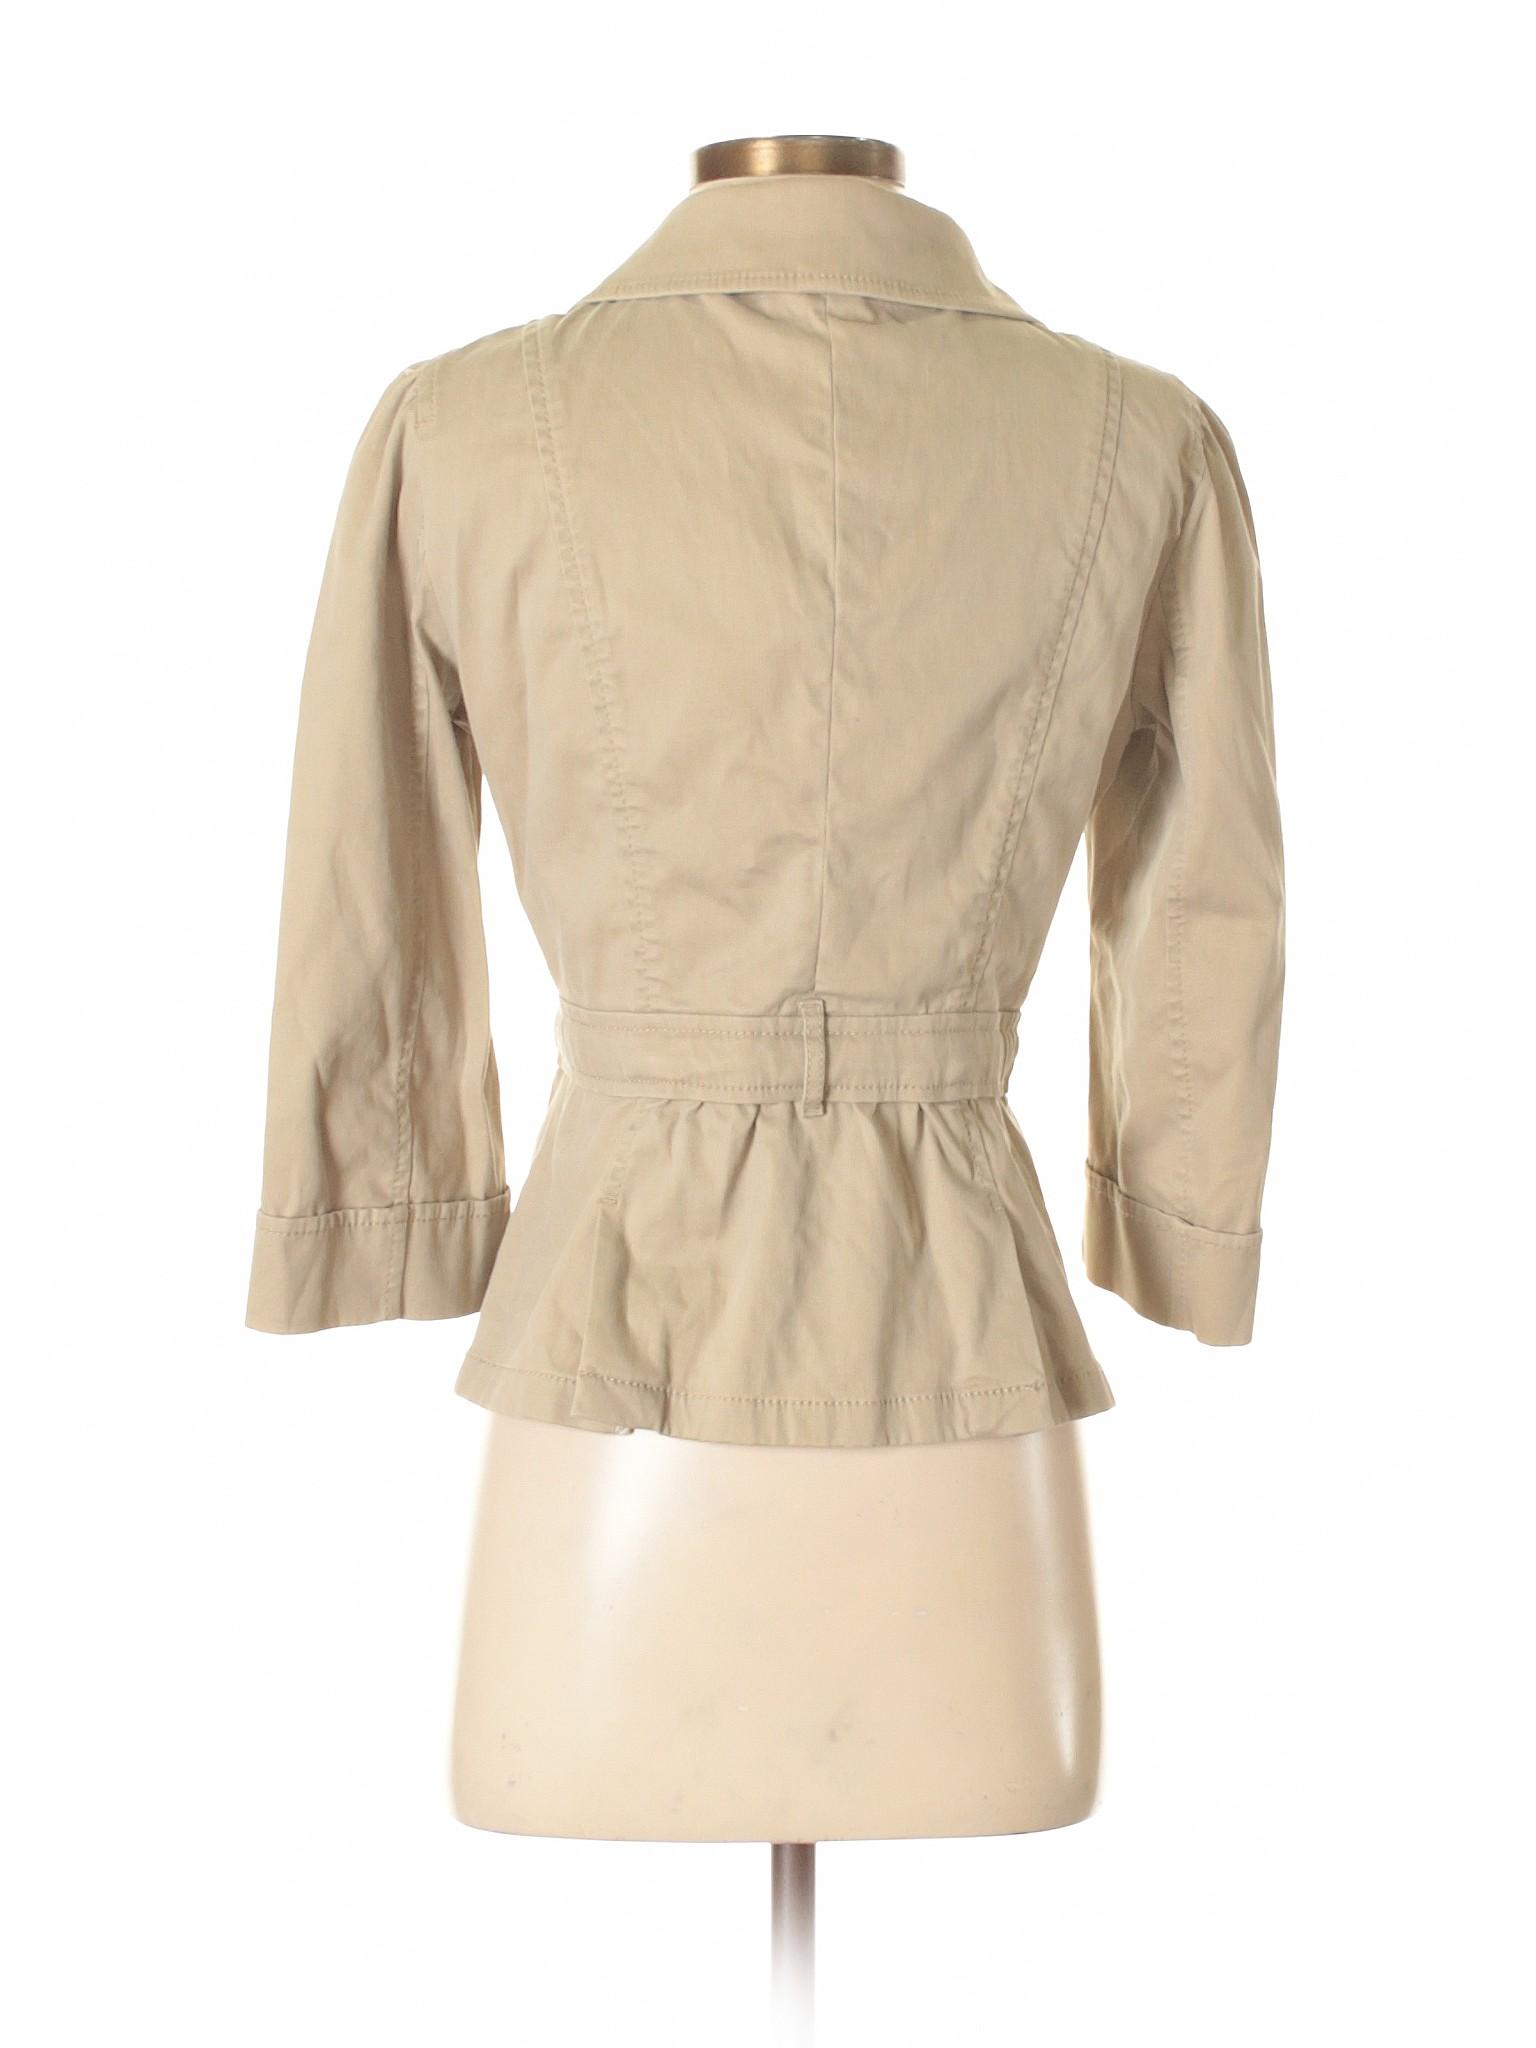 Boutique winter LOFT Ann Taylor Jacket ZZwrxt